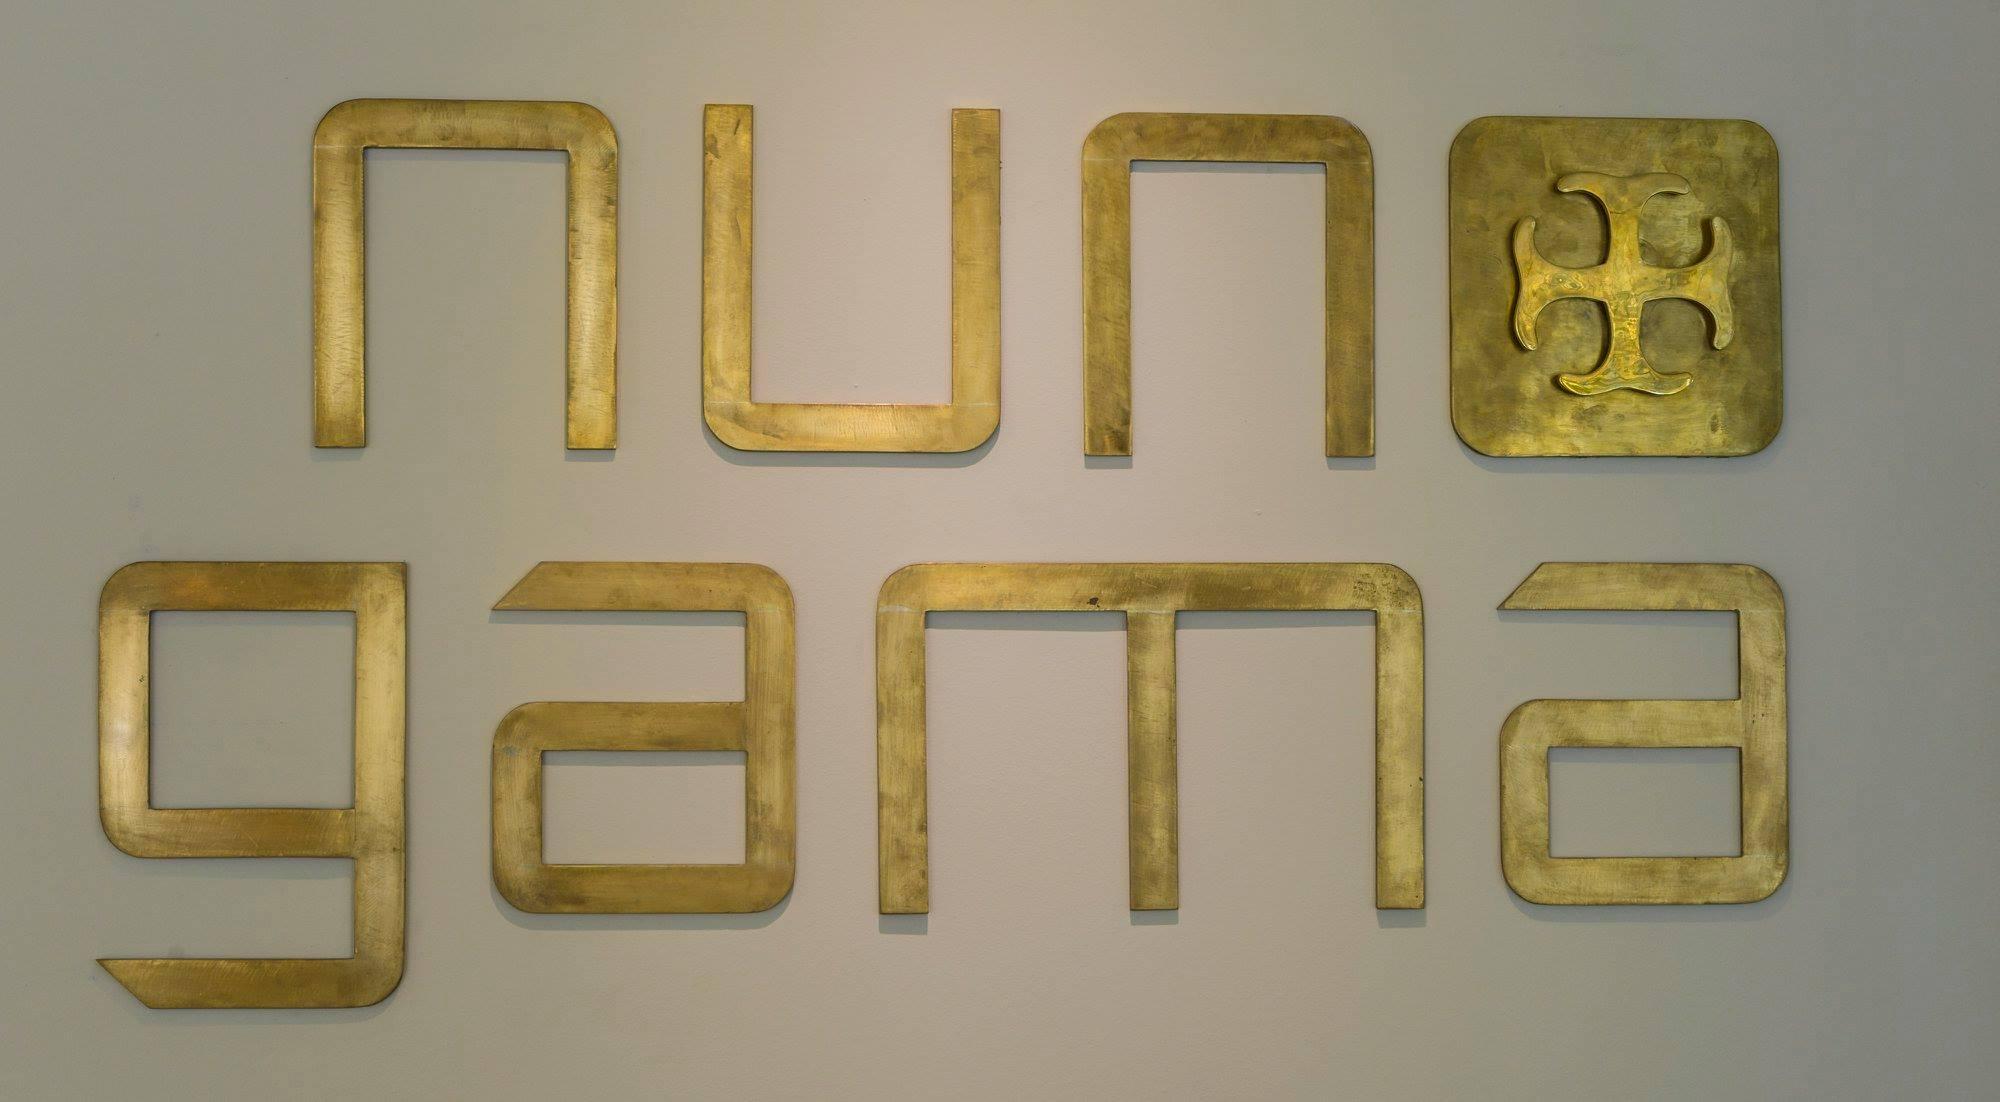 Nuno Gama